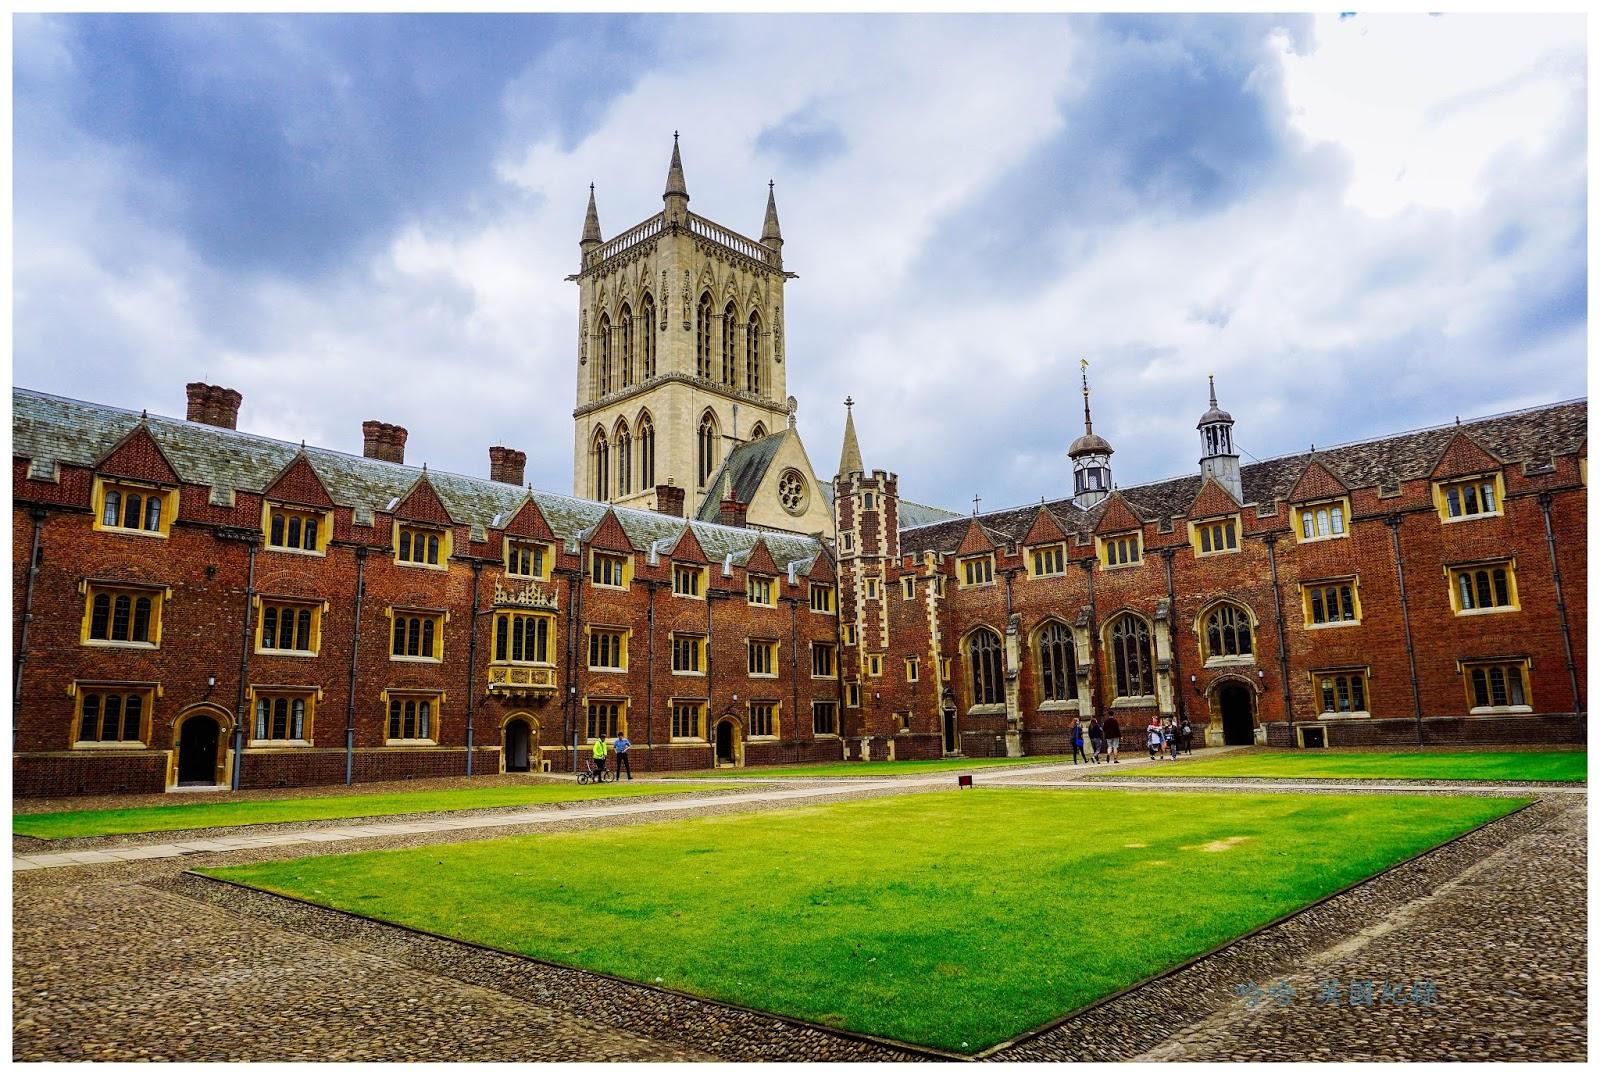 [英國 劍橋] 劍橋學院之旅~聖約翰學院 St John's College - 哈哈 與 EVA 旅遊紀錄